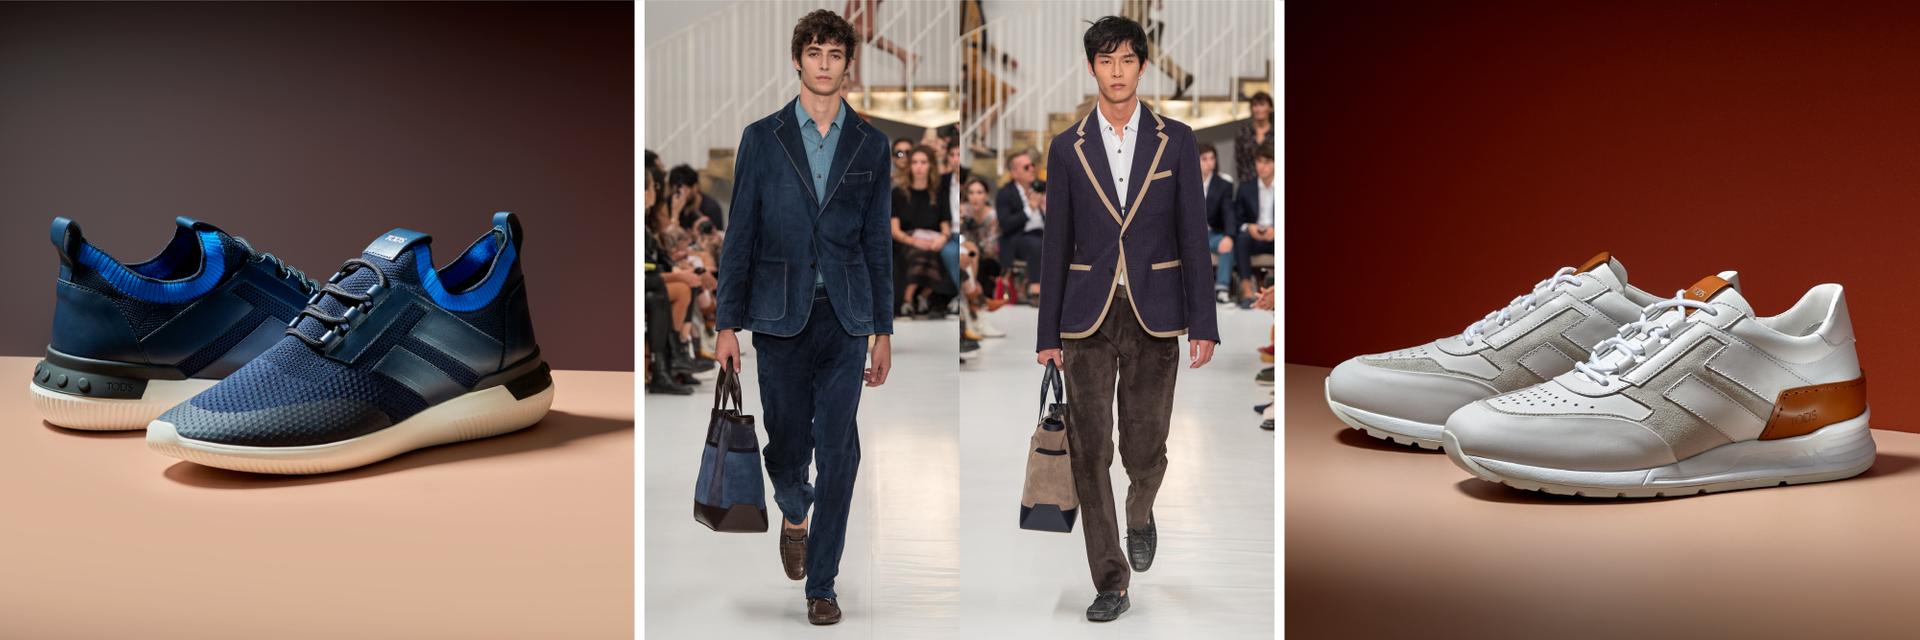 成為紳士的條件|正裝風格的滿分關鍵,街上型人怎麼穿都帥…原來都靠 TOD'S 這幾雙經典鞋!